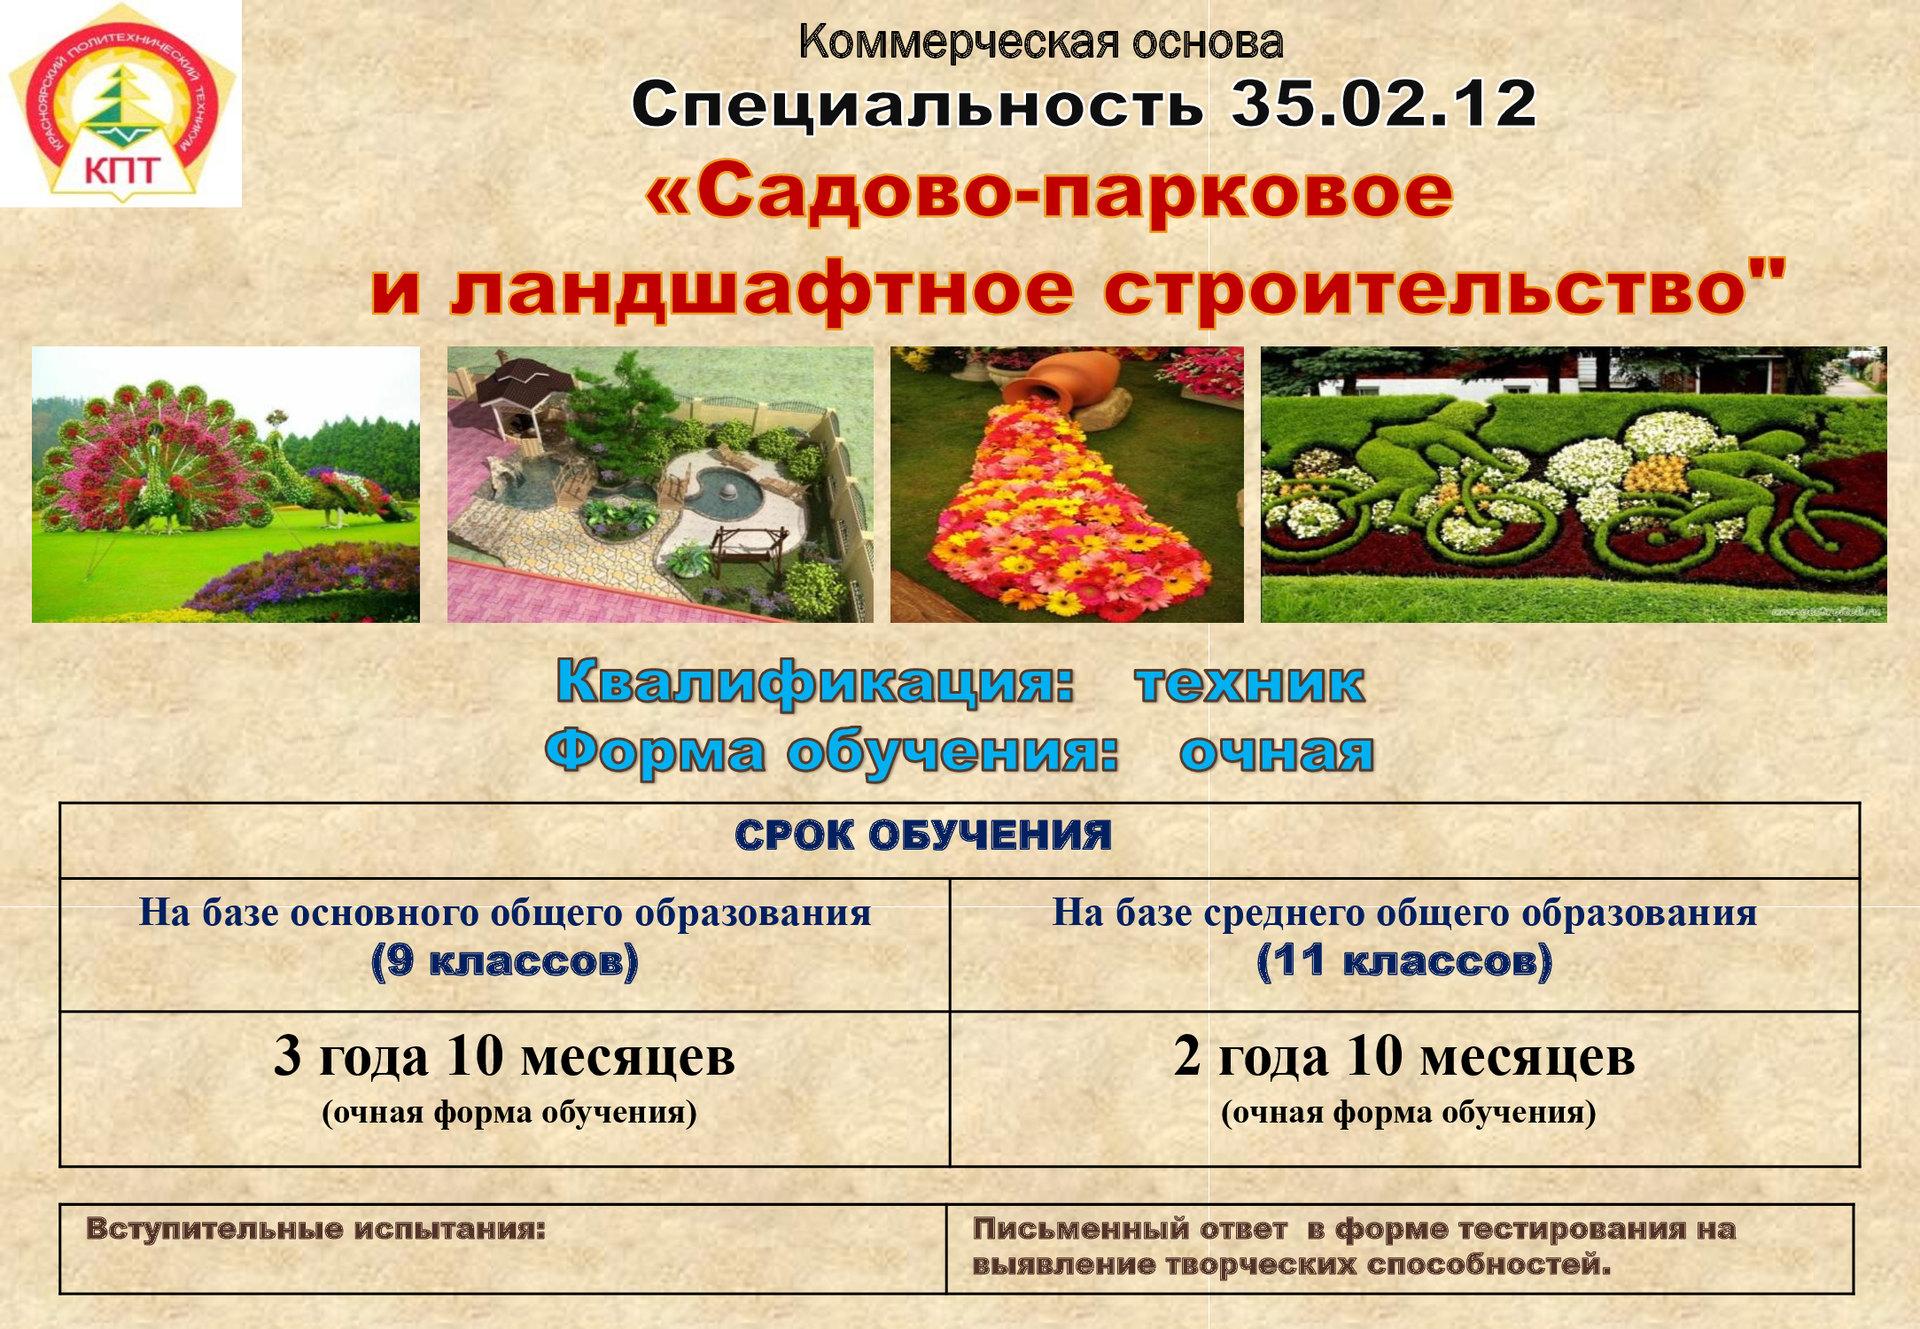 Садово-парковое и ландшафтное строительство